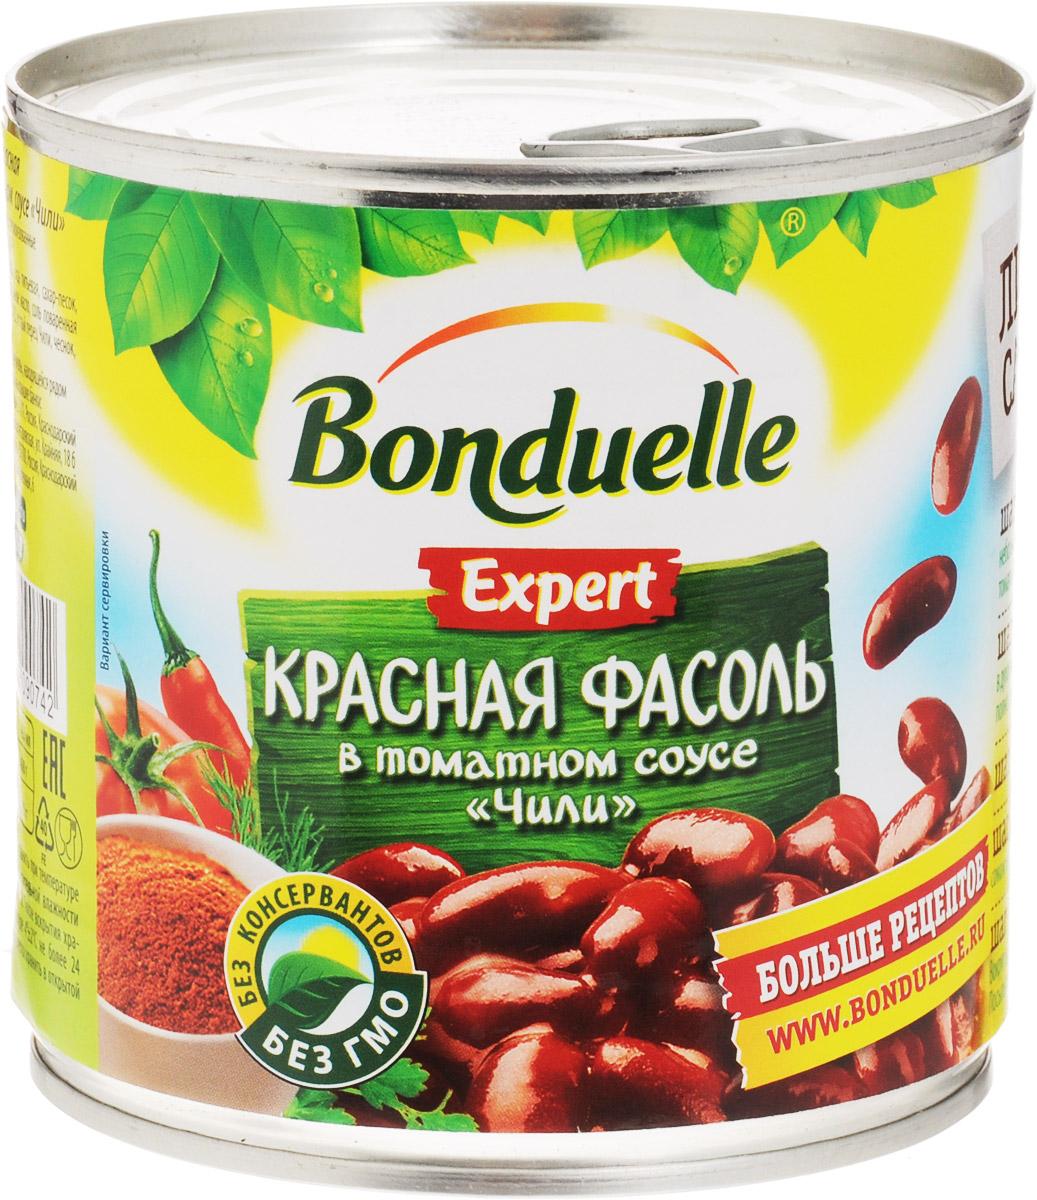 Bonduelle красная фасоль в соусе Чили, 400 г0120710Красная фасоль в соусе Чили - превосходный выбор для тех, кто любит поострее: густой томатный соус, которым заправлена фасоль, наполнен ароматами розмарина, паприки и перца чили. Это готовое блюдо богато белком и клетчаткой, поэтому станет хорошим выбором для постного рациона, хотя отлично подойдет и как гарнир к мясу.Уважаемые клиенты! Обращаем ваше внимание, что полный перечень состава продукта представлен на дополнительном изображении.